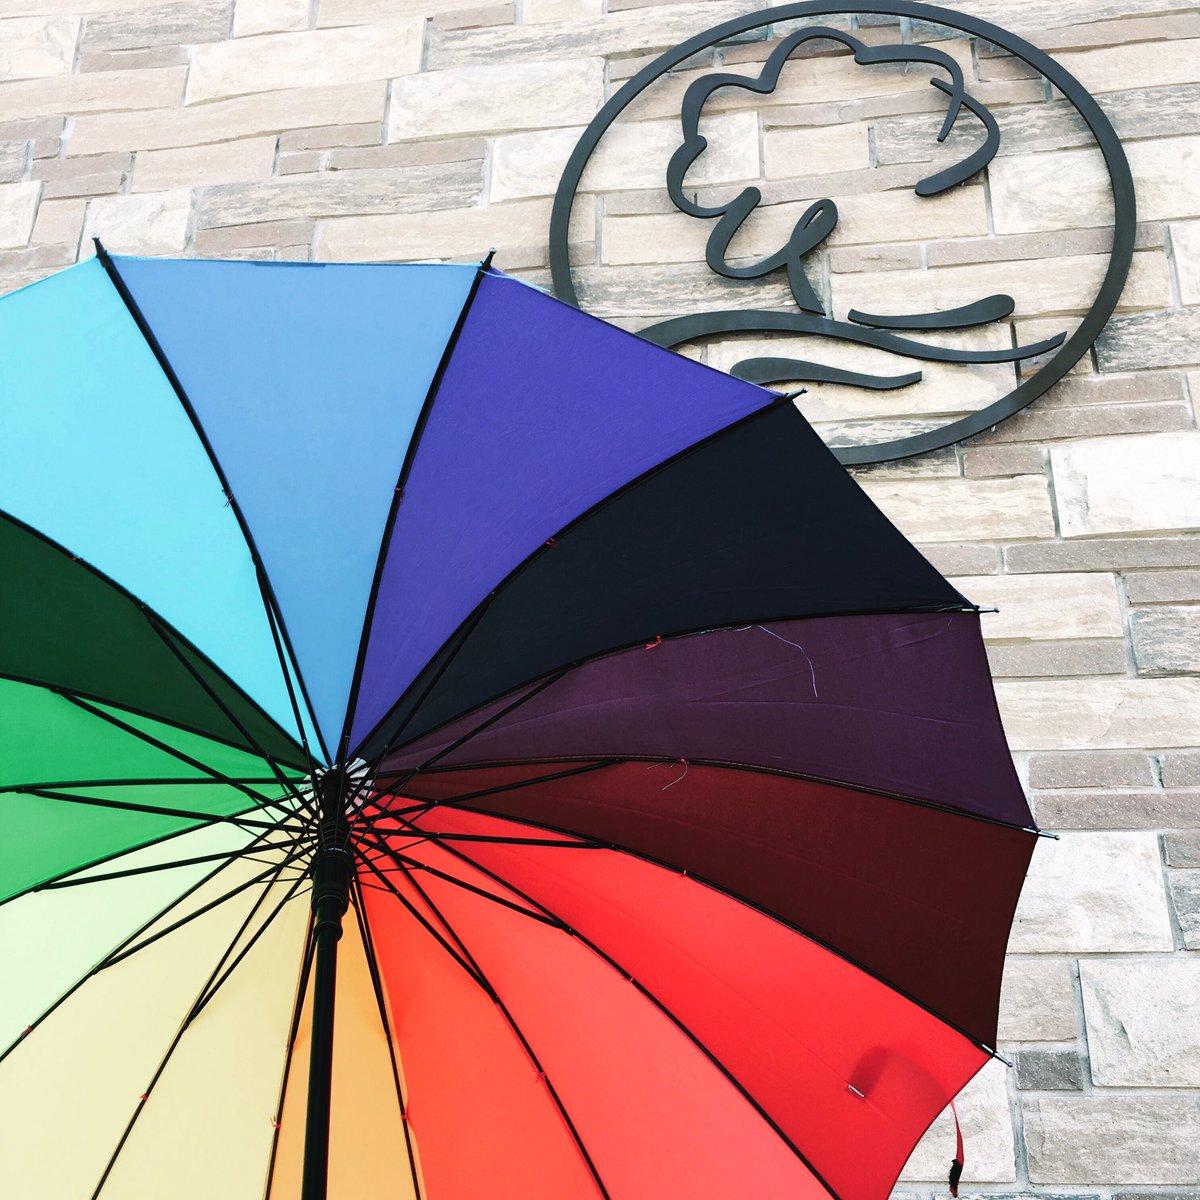 Rain, rain, go away! #safespace #safe #transsafespace #lgbtq #lgbtqqip2saa #lgbtq2s+ #safe #pride #wellwood #HamOnt #pridemonth #pridemonth2019 #pride🌈 #pride2019